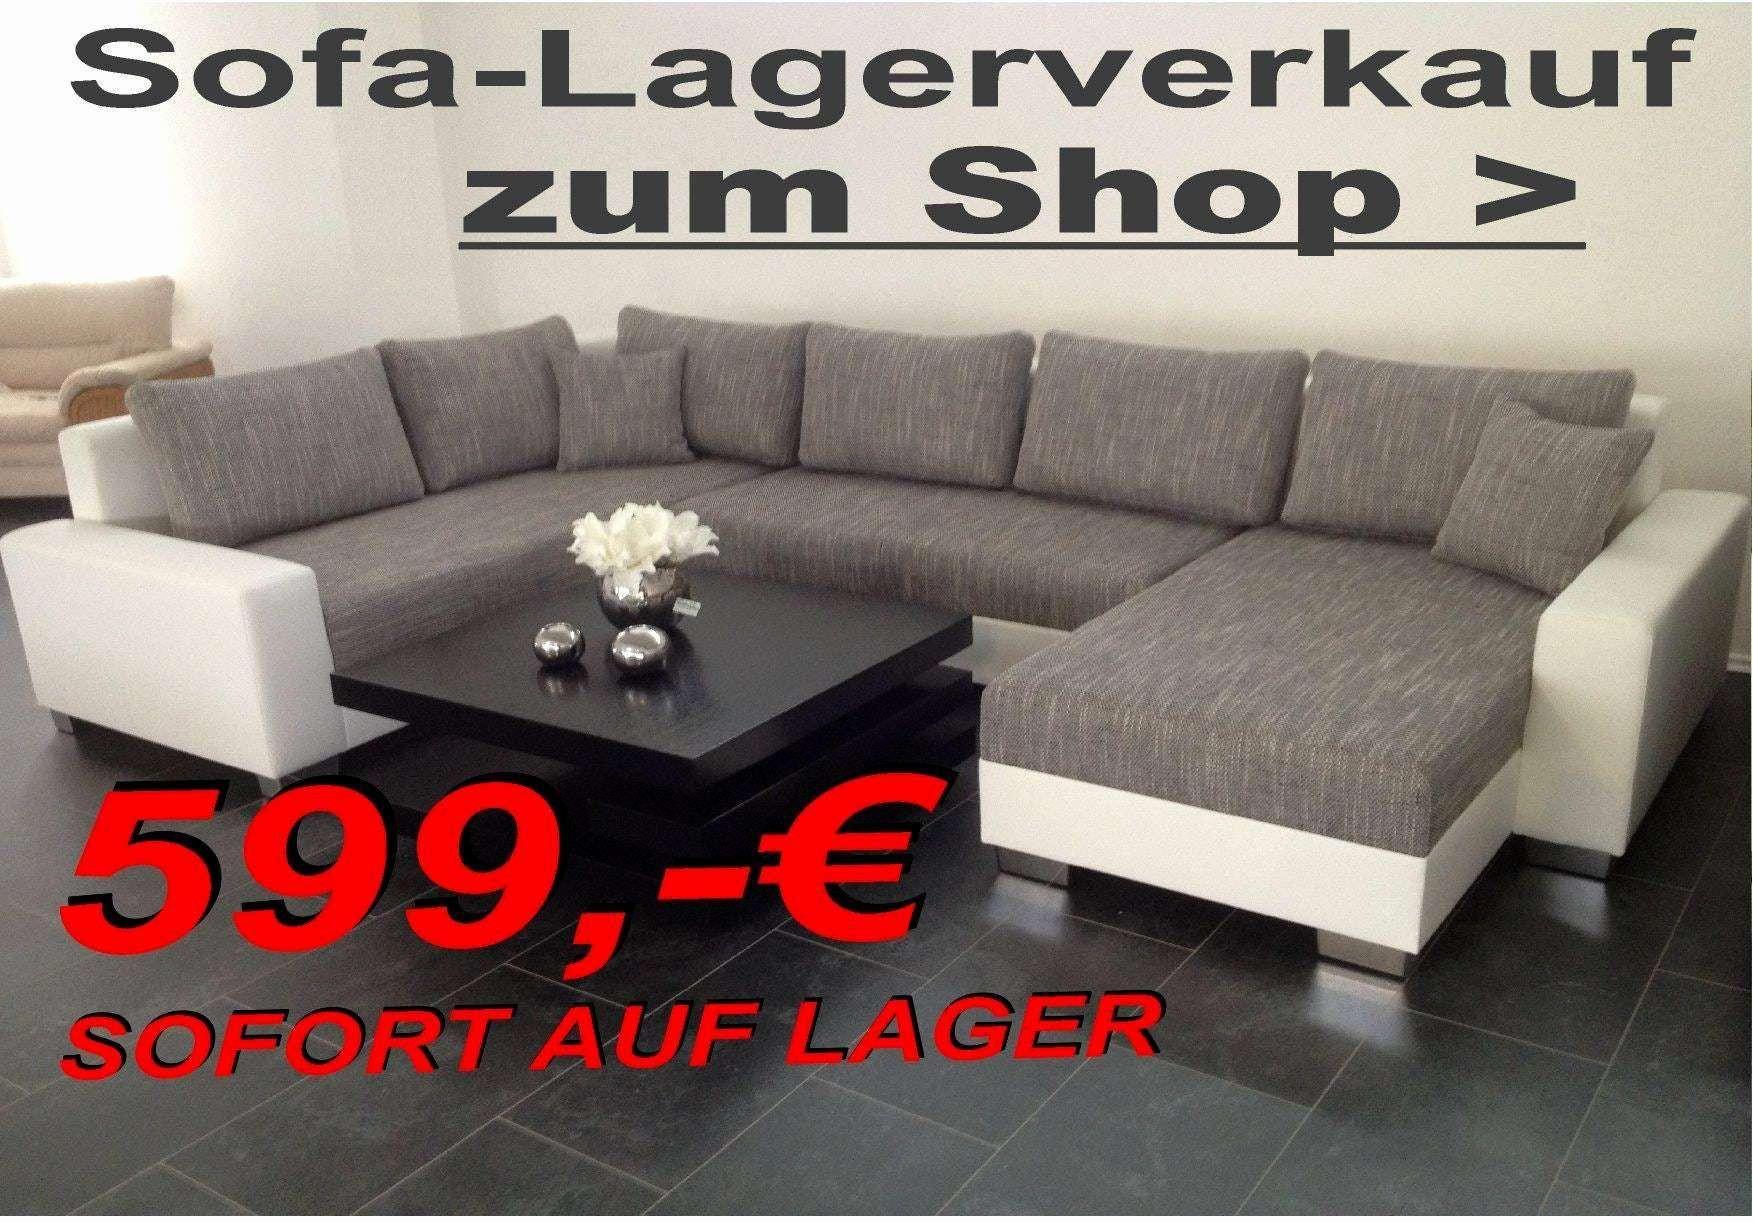 Matratzen Heilbronn New Matratzen Heilbronn Genial Luxus 24 Mfo Matratzen Chesterfield Mobel Couch Mobel Schlafsofa Mit Bettkasten